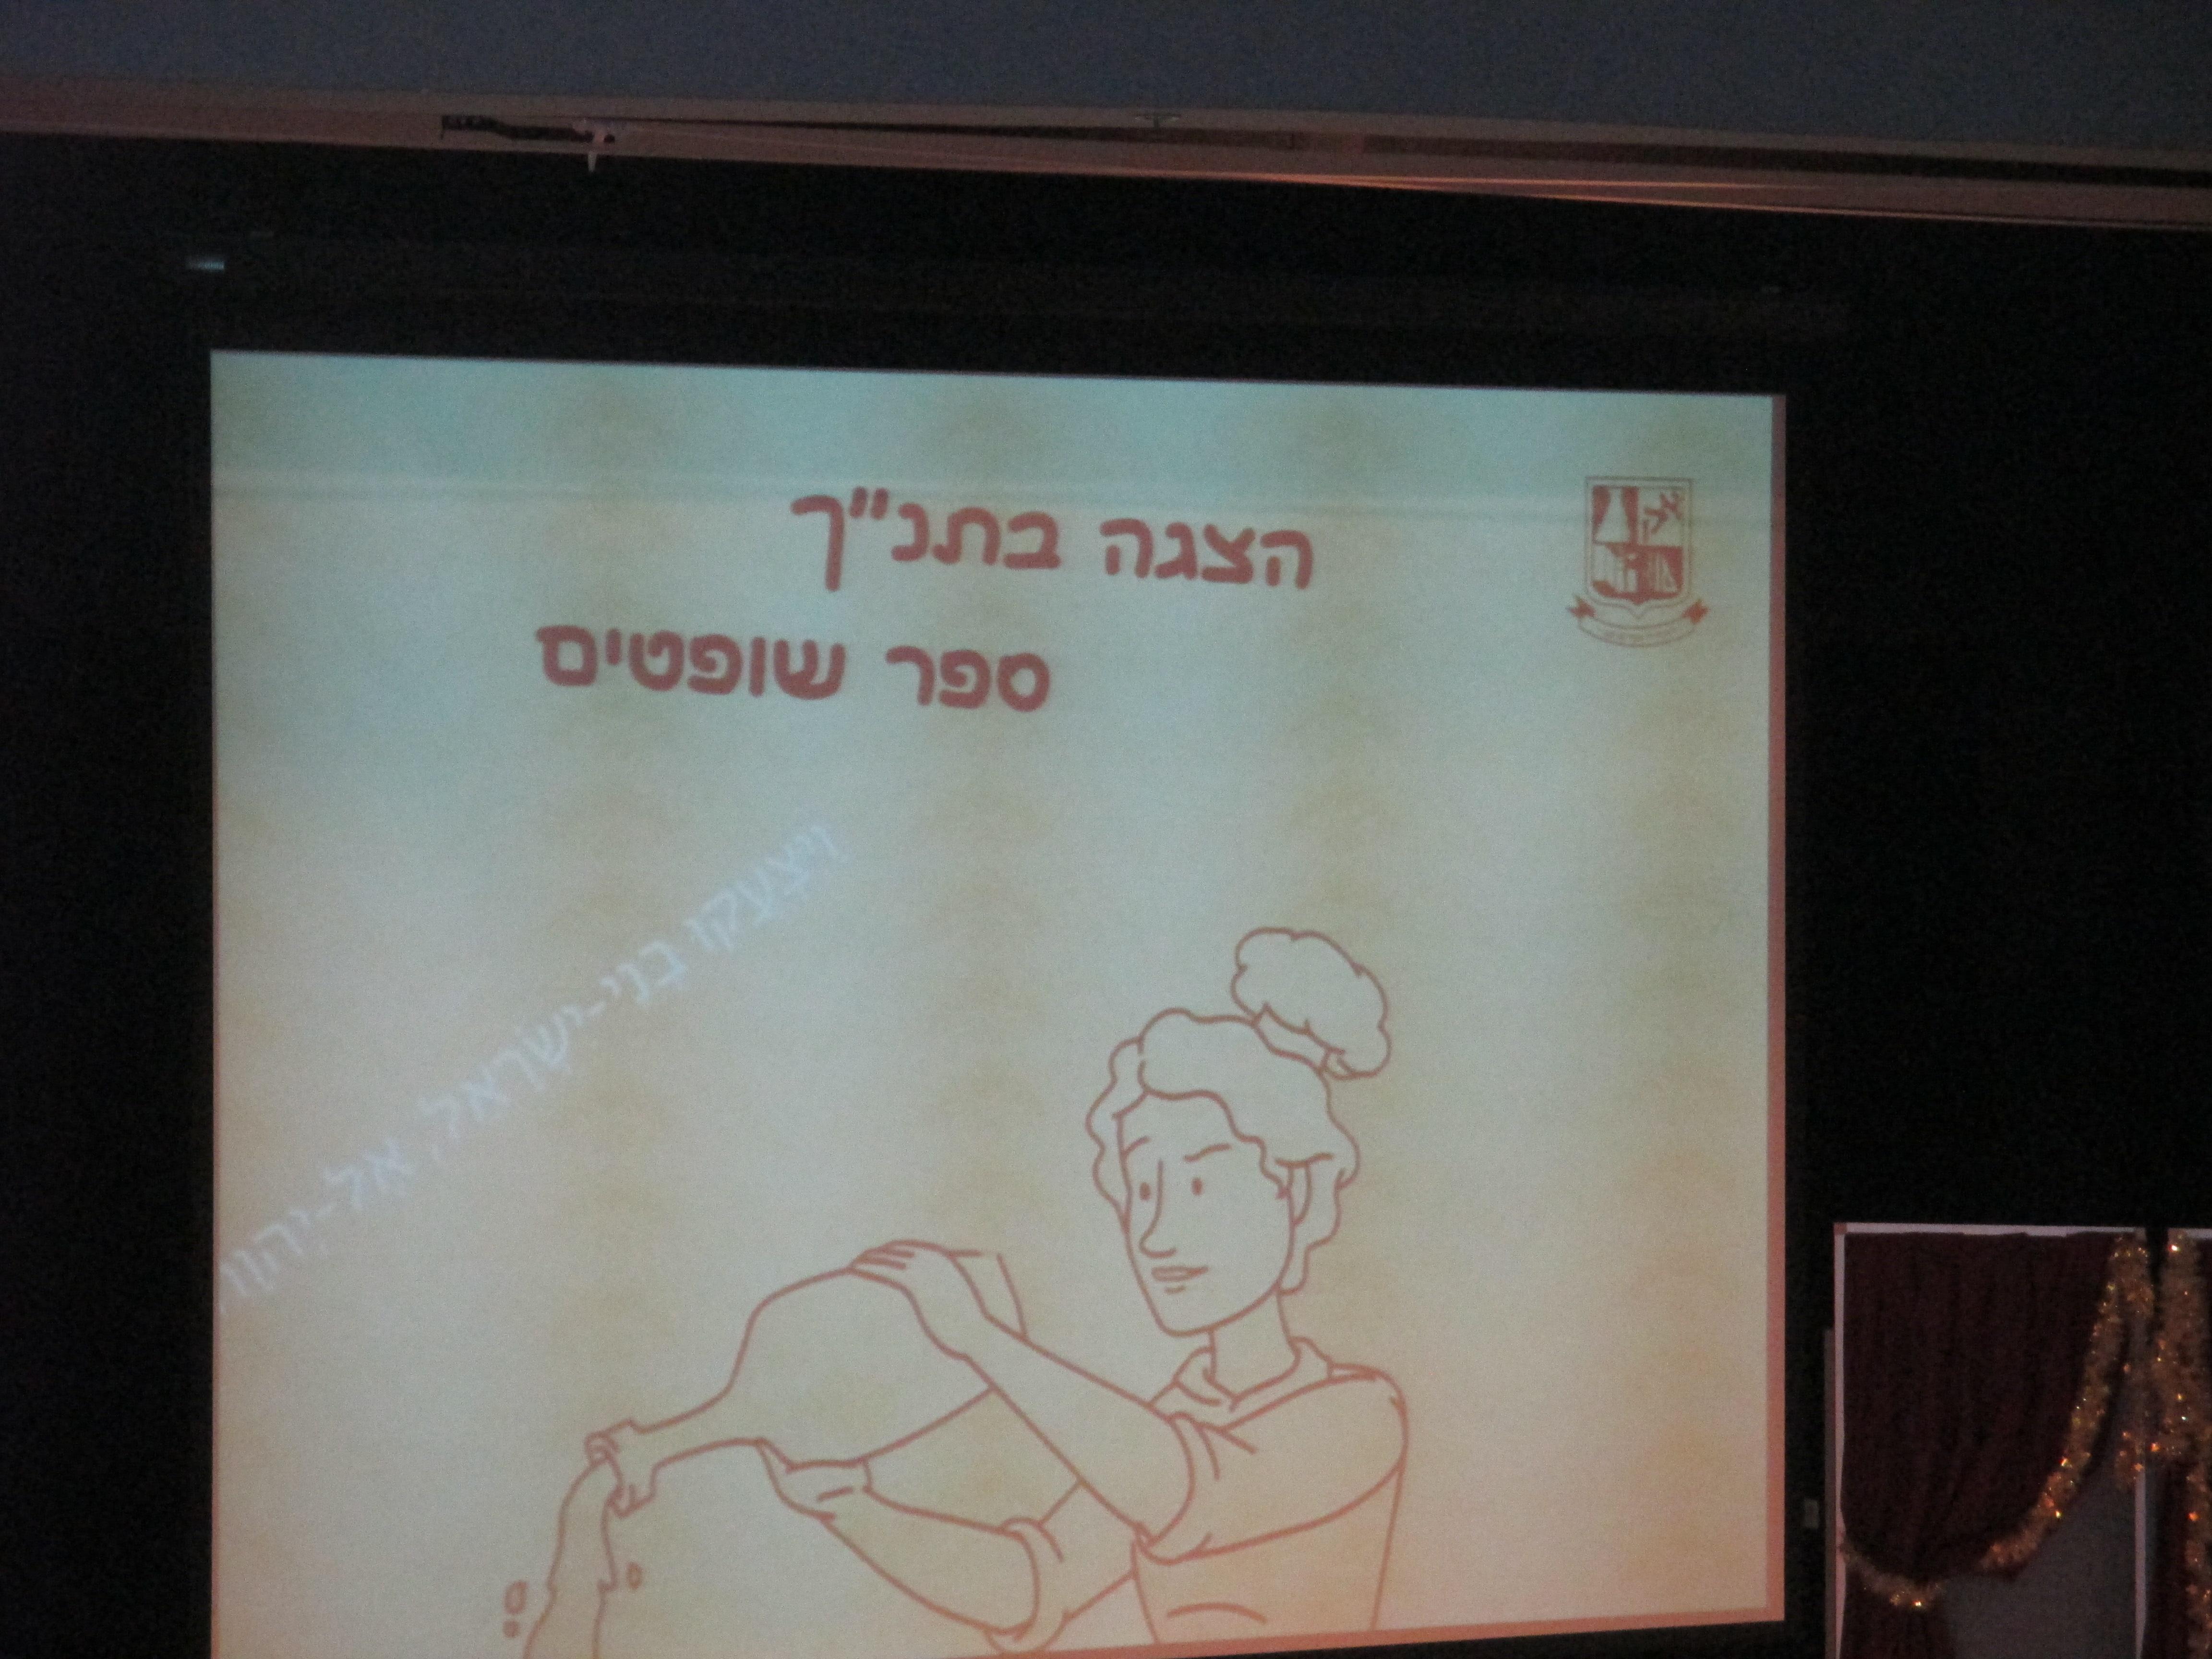 שירת דבורה by judy.shiran  - Illustrated by Irit Sela - Ourboox.com